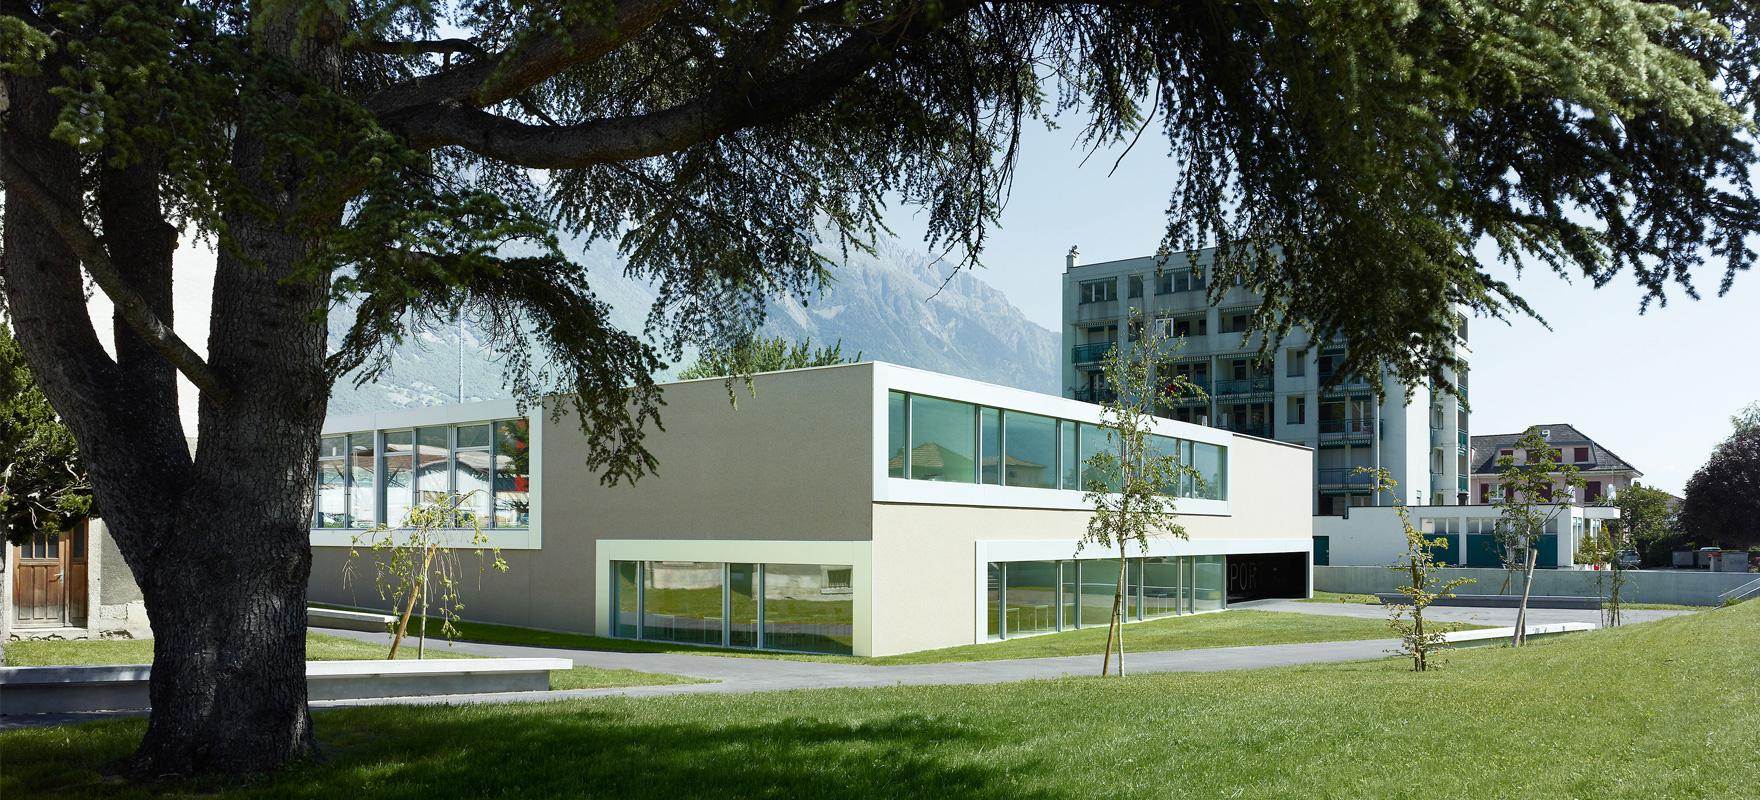 Game architecture - école professionnelle Martigny